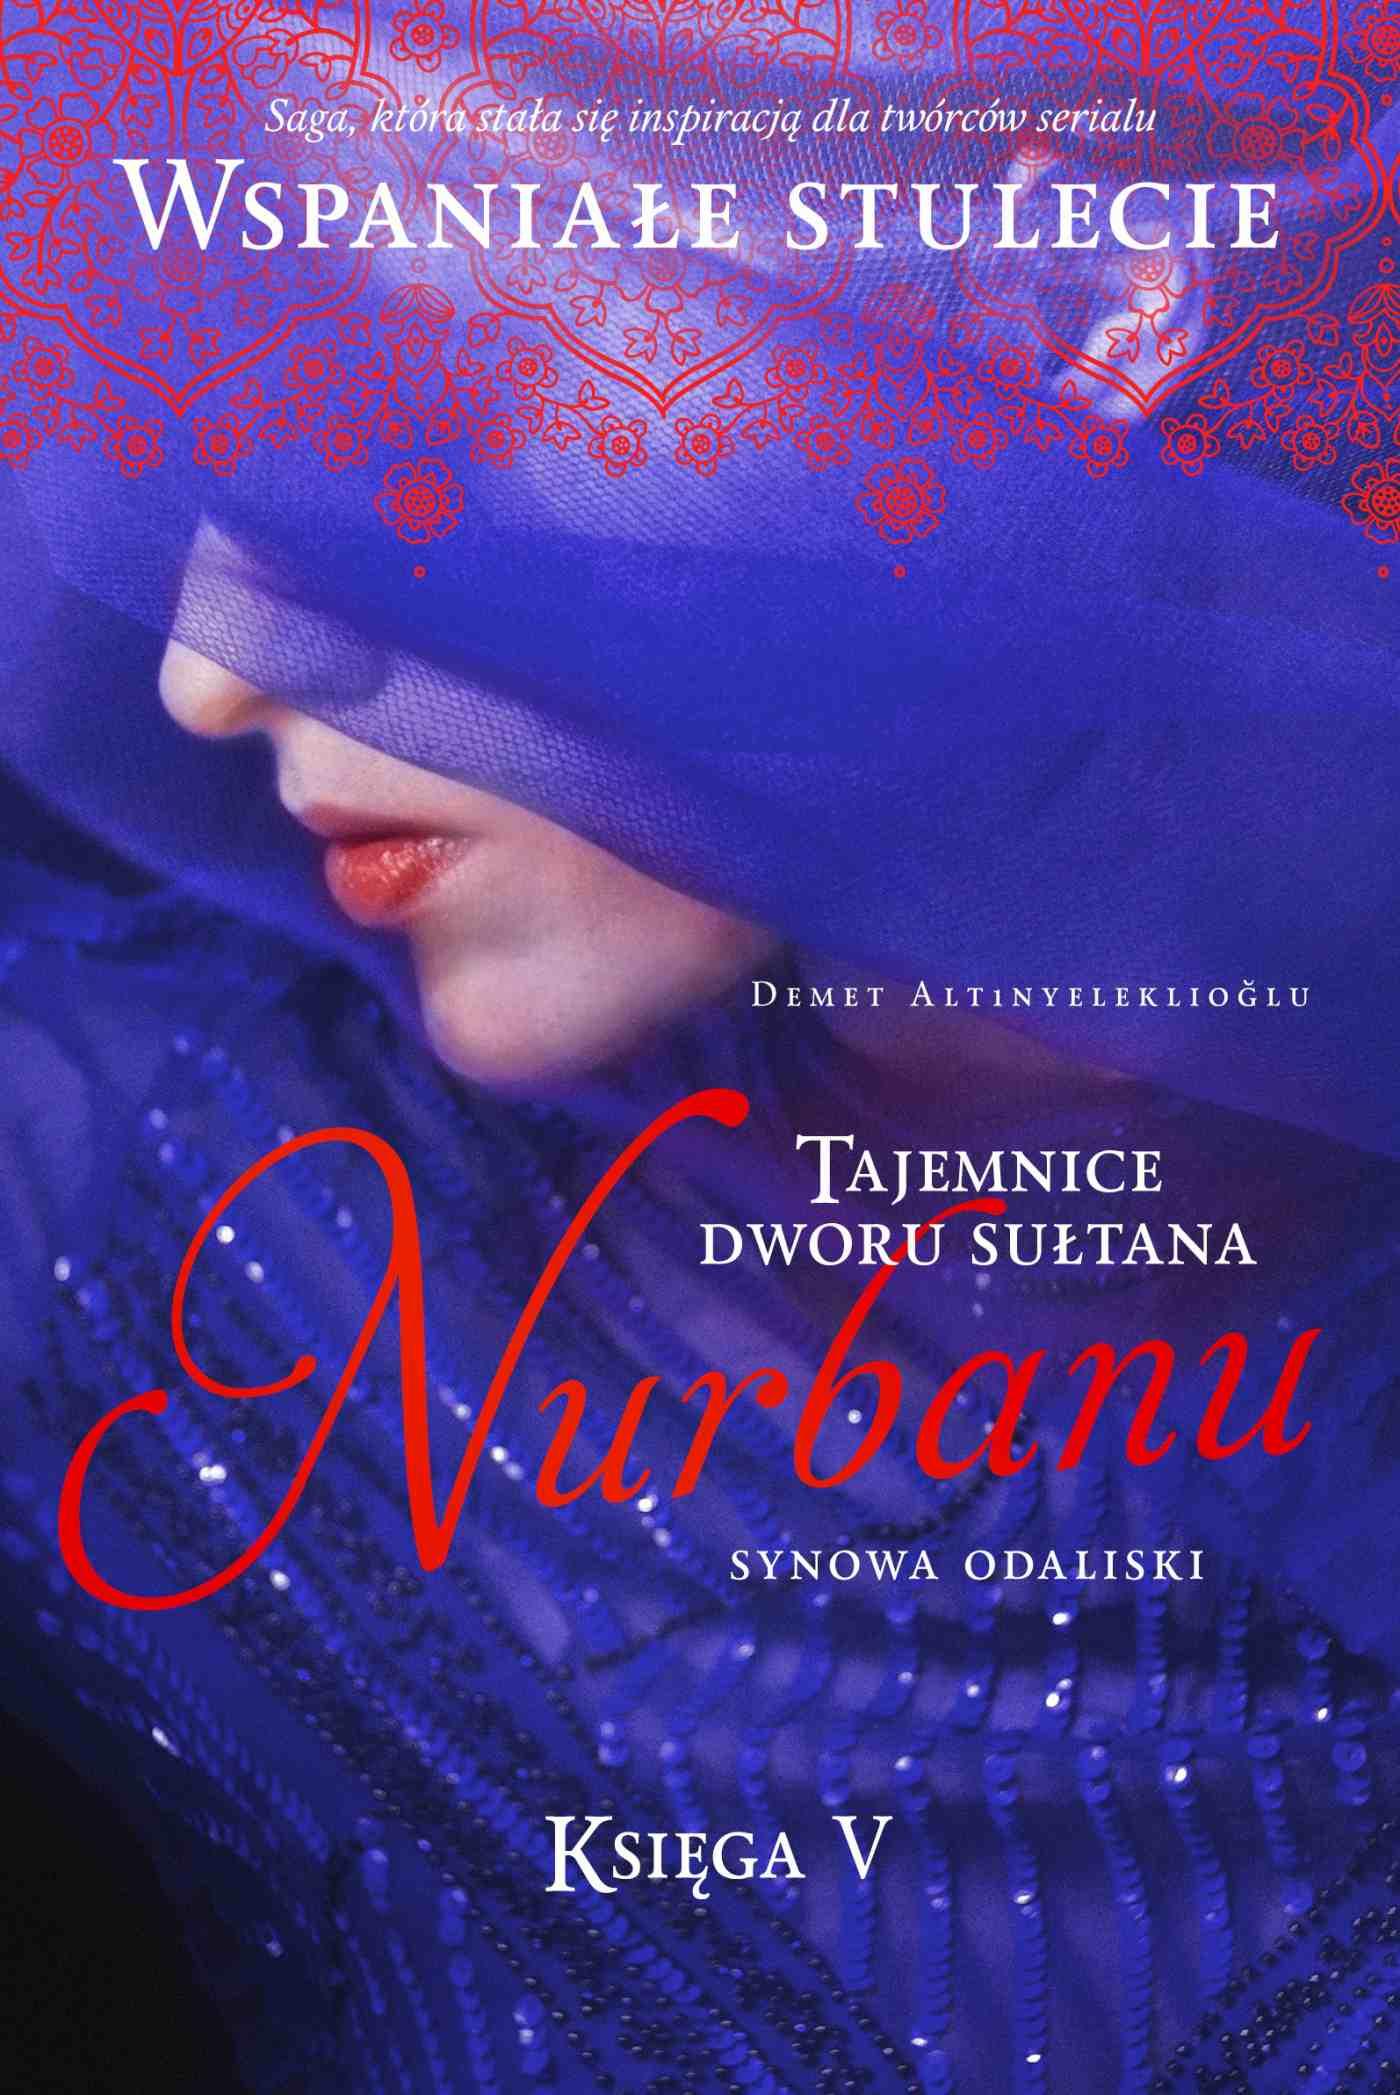 Tajemnice dworu sułtana. Nurbanu. Synowa odaliski. Księga 5 - Ebook (Książka na Kindle) do pobrania w formacie MOBI